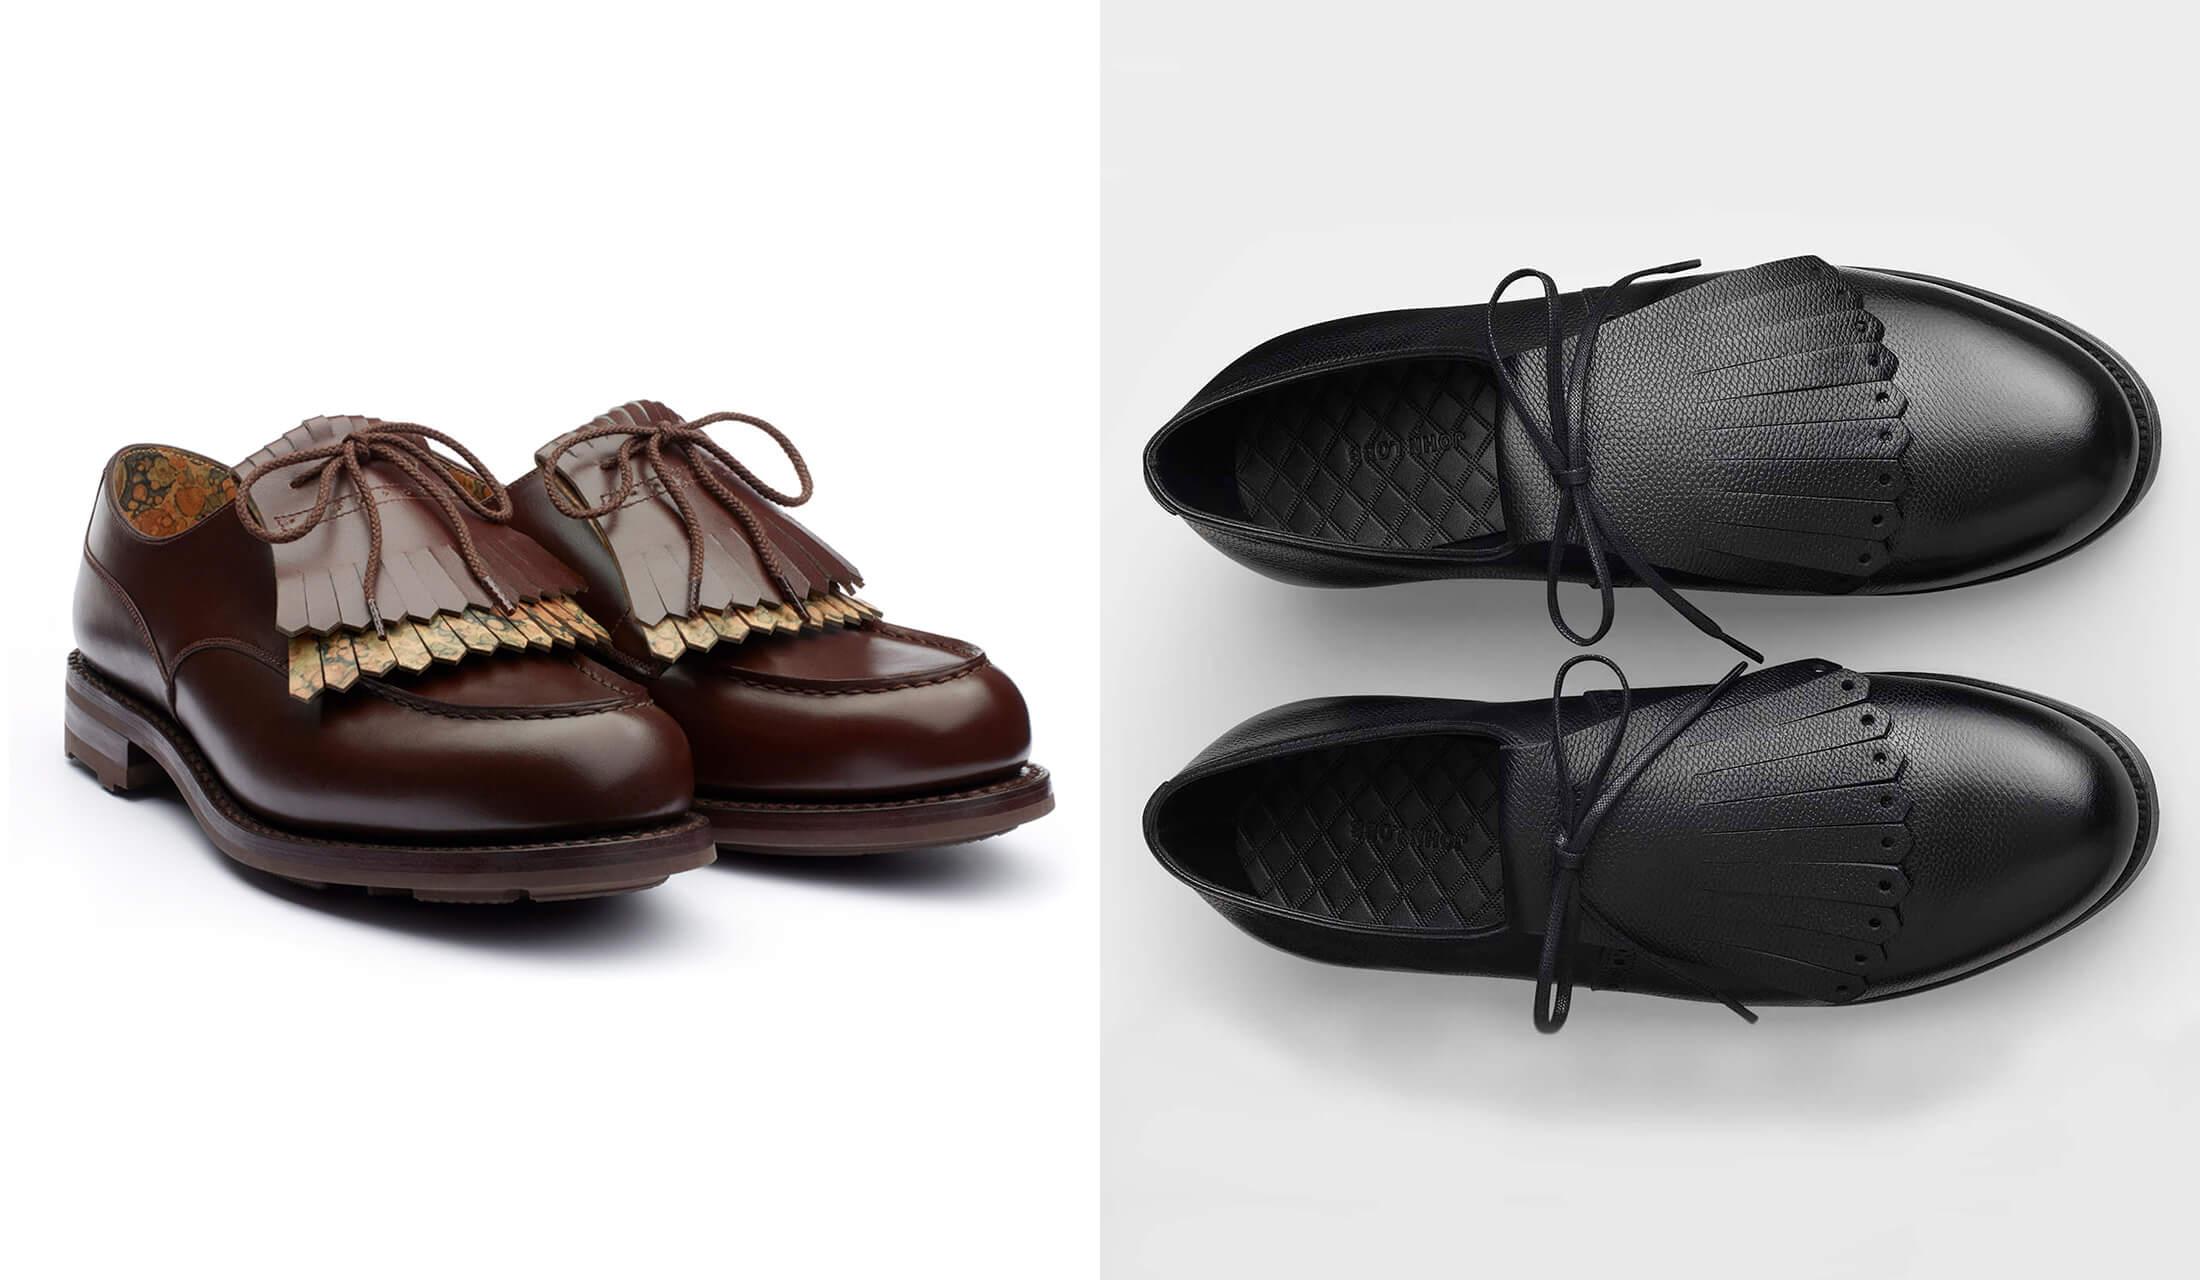 「山羊座(やぎ座)」を開運へと導くマスキュリンなJ.M. WESTON(ジェイエムウエストン)とJHON LOBB(ジョンロブ)の革靴の写真